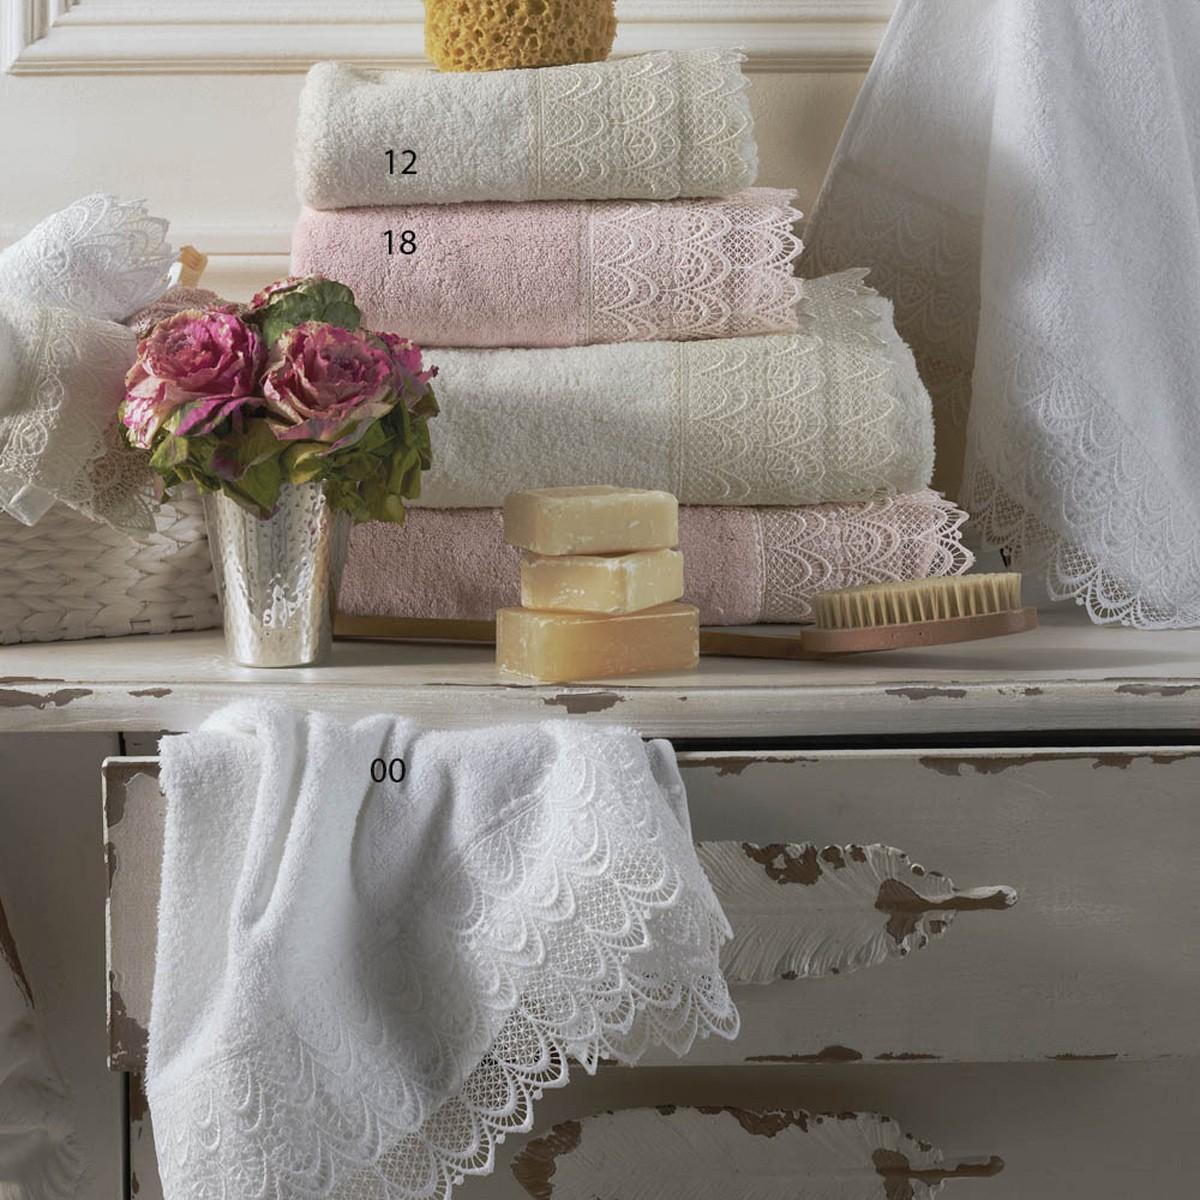 Πετσέτες Μπάνιου (Σετ 3τμχ) Kentia Versus Ikaros